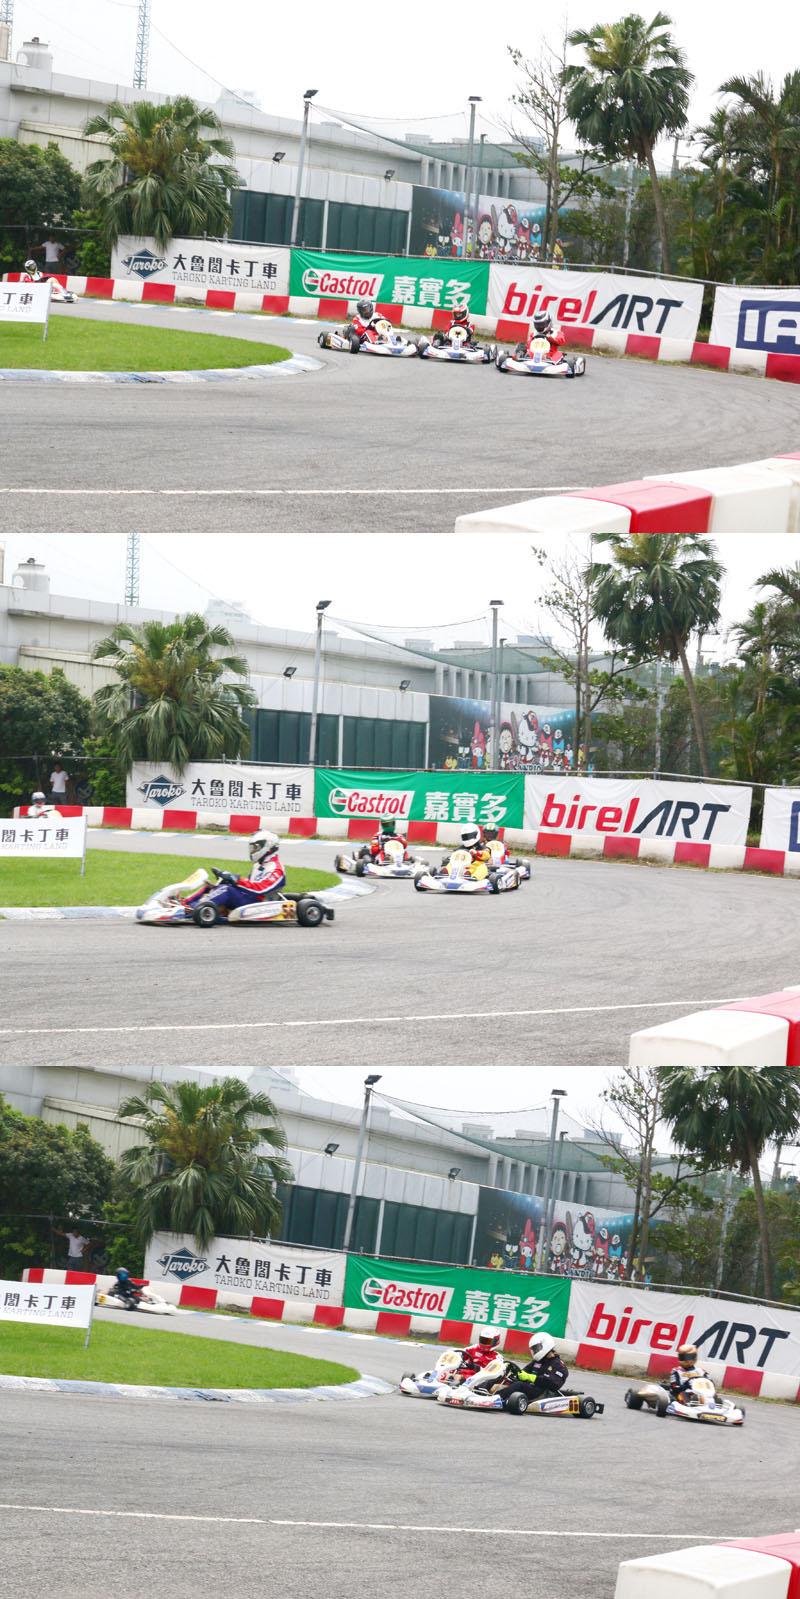 由於參賽者眾,競爭激烈,三回合比賽皆無冷場,時時刻刻都會有多車同時搶進彎的畫面。